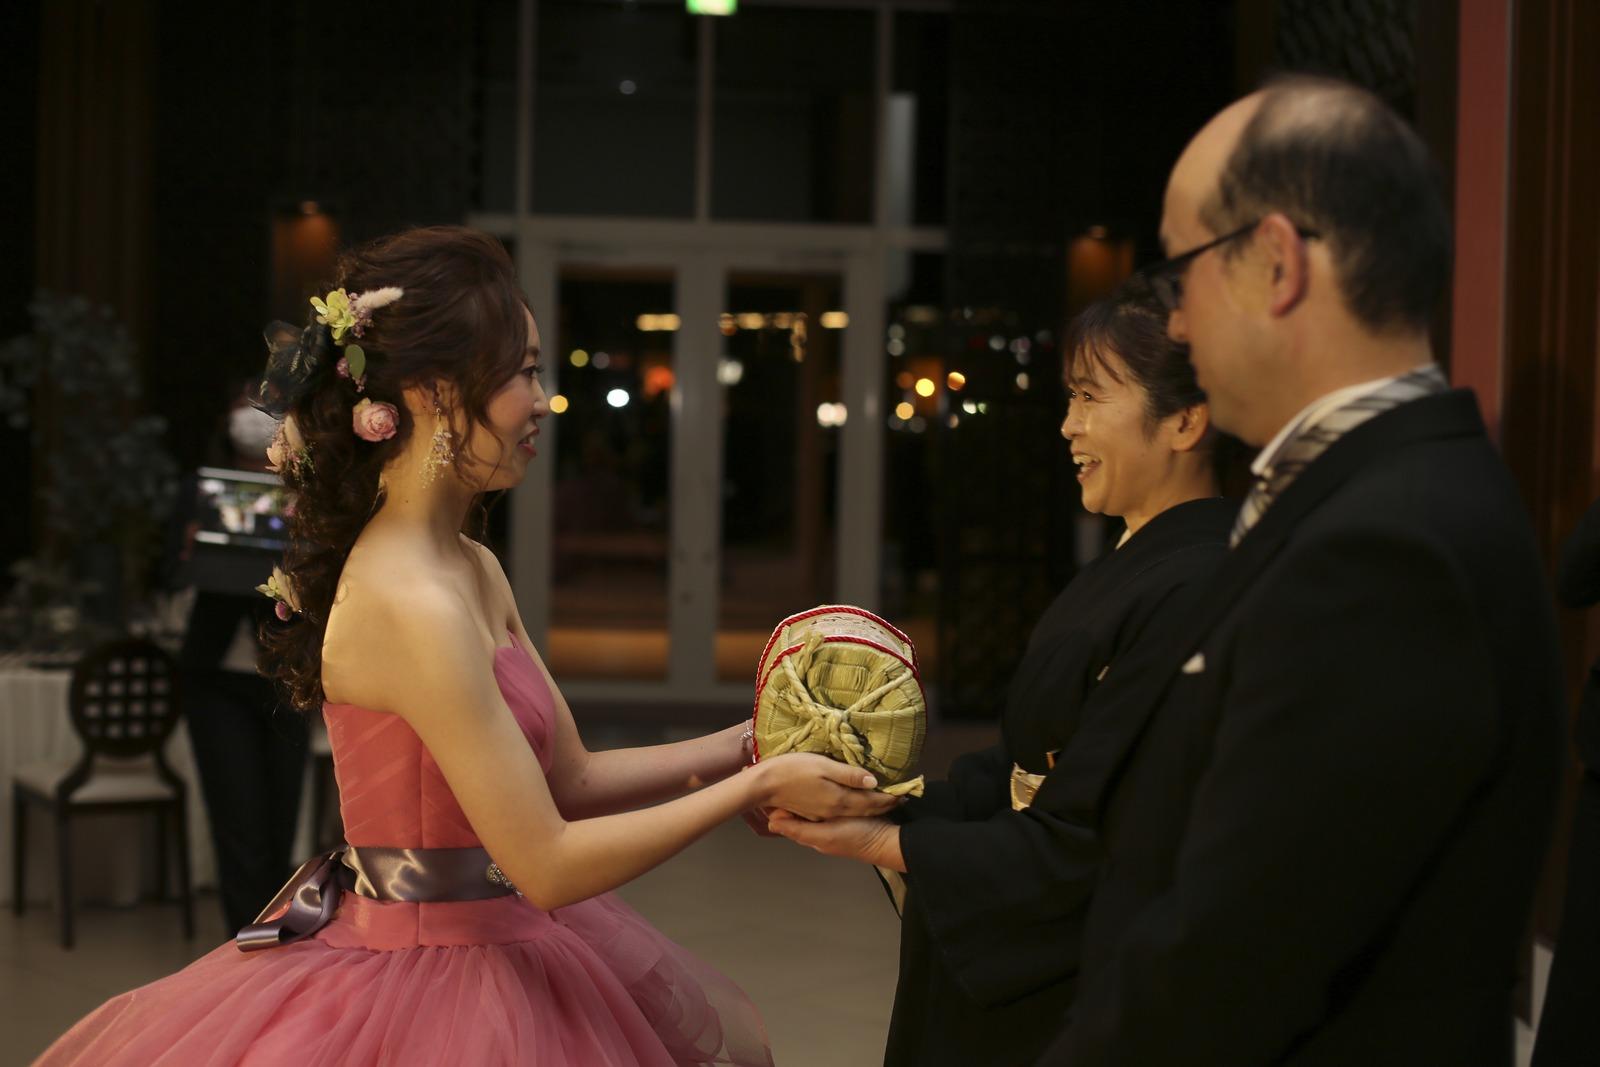 徳島市の結婚式場ブランアンジュで生まれた時と同じ重さの体重米を贈呈する新婦